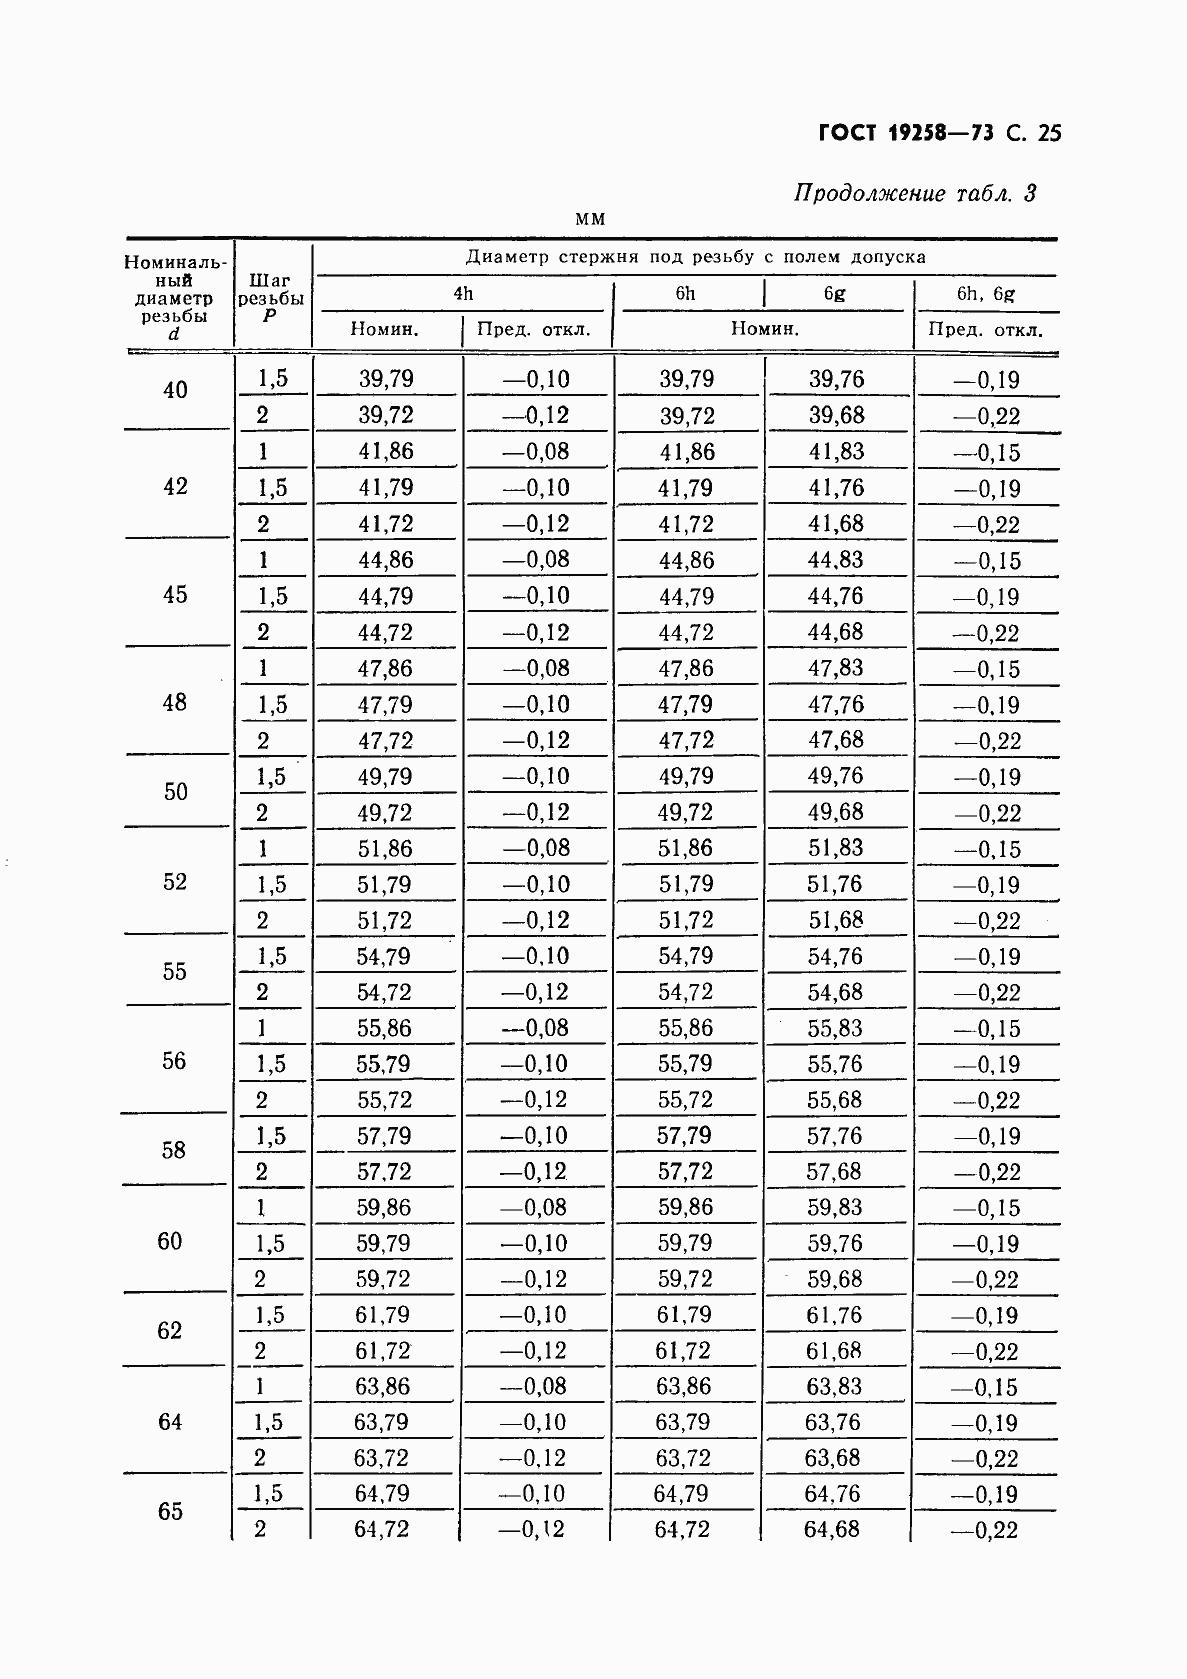 ГОСТ 19258-73. Страница 27